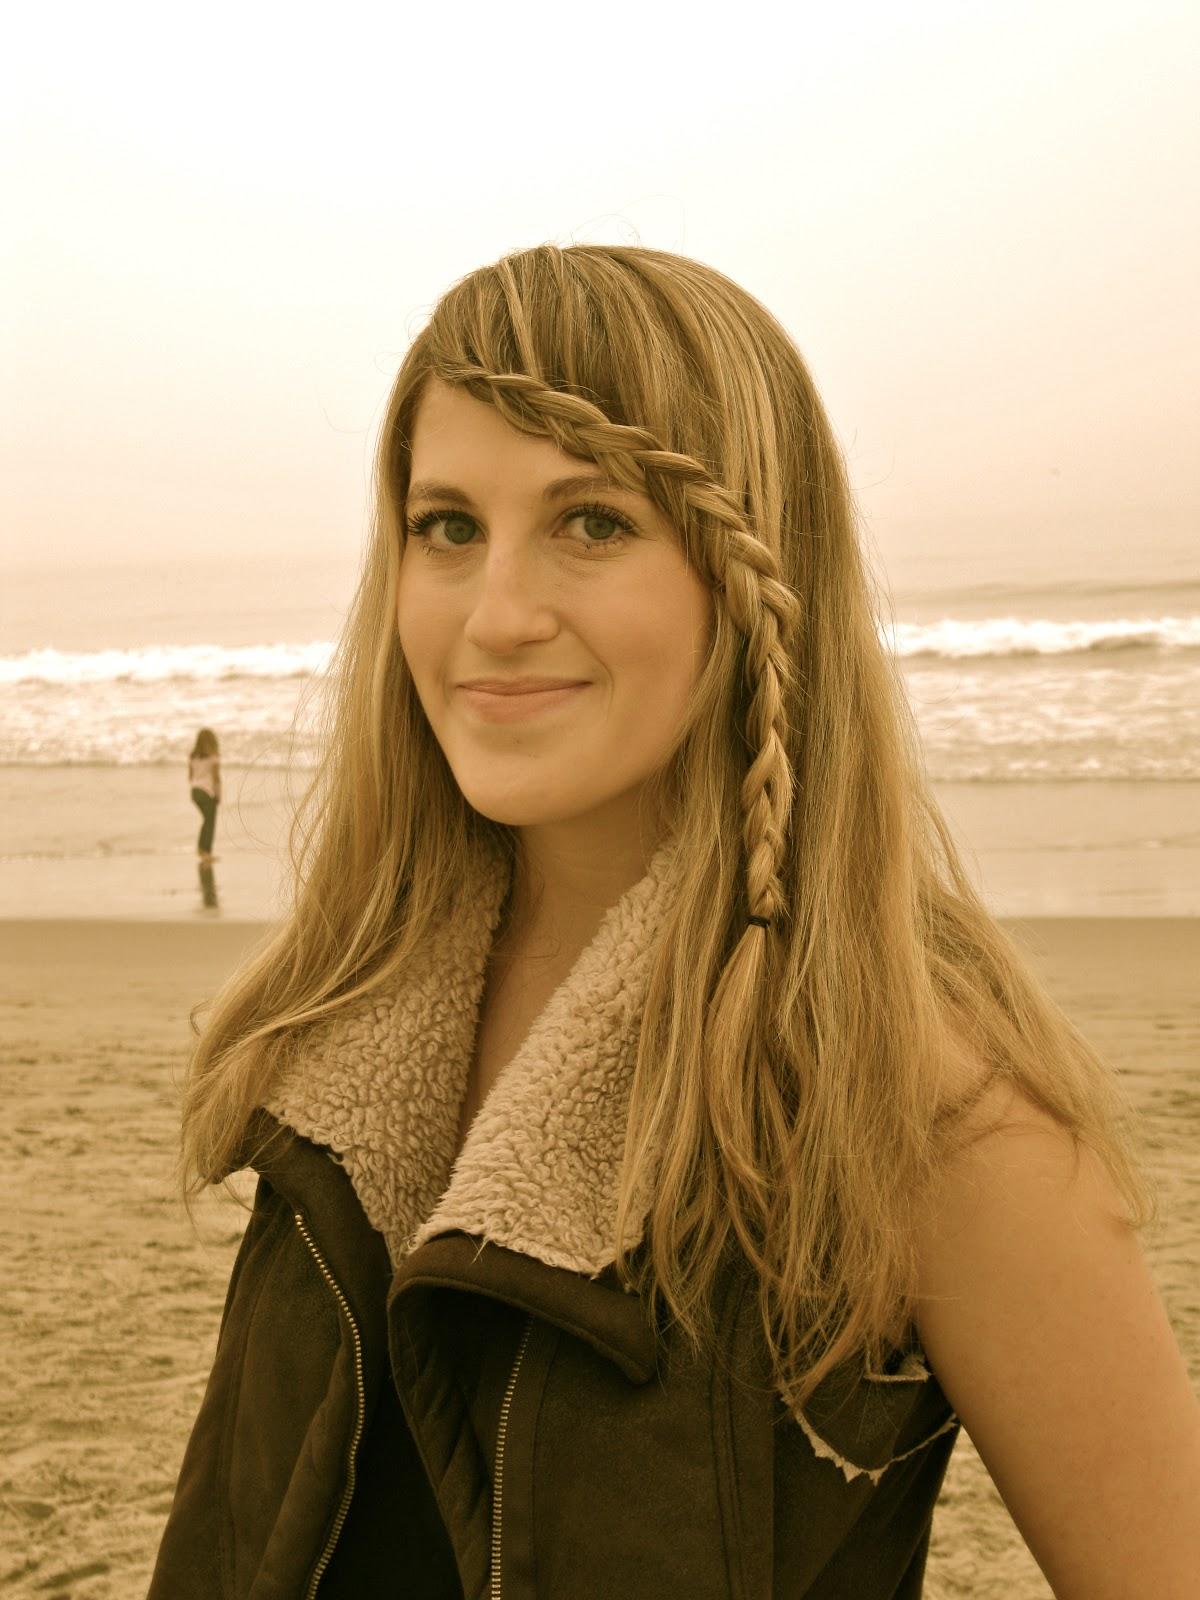 hippie braided bangs-hair tutorial | HAIRMANIA